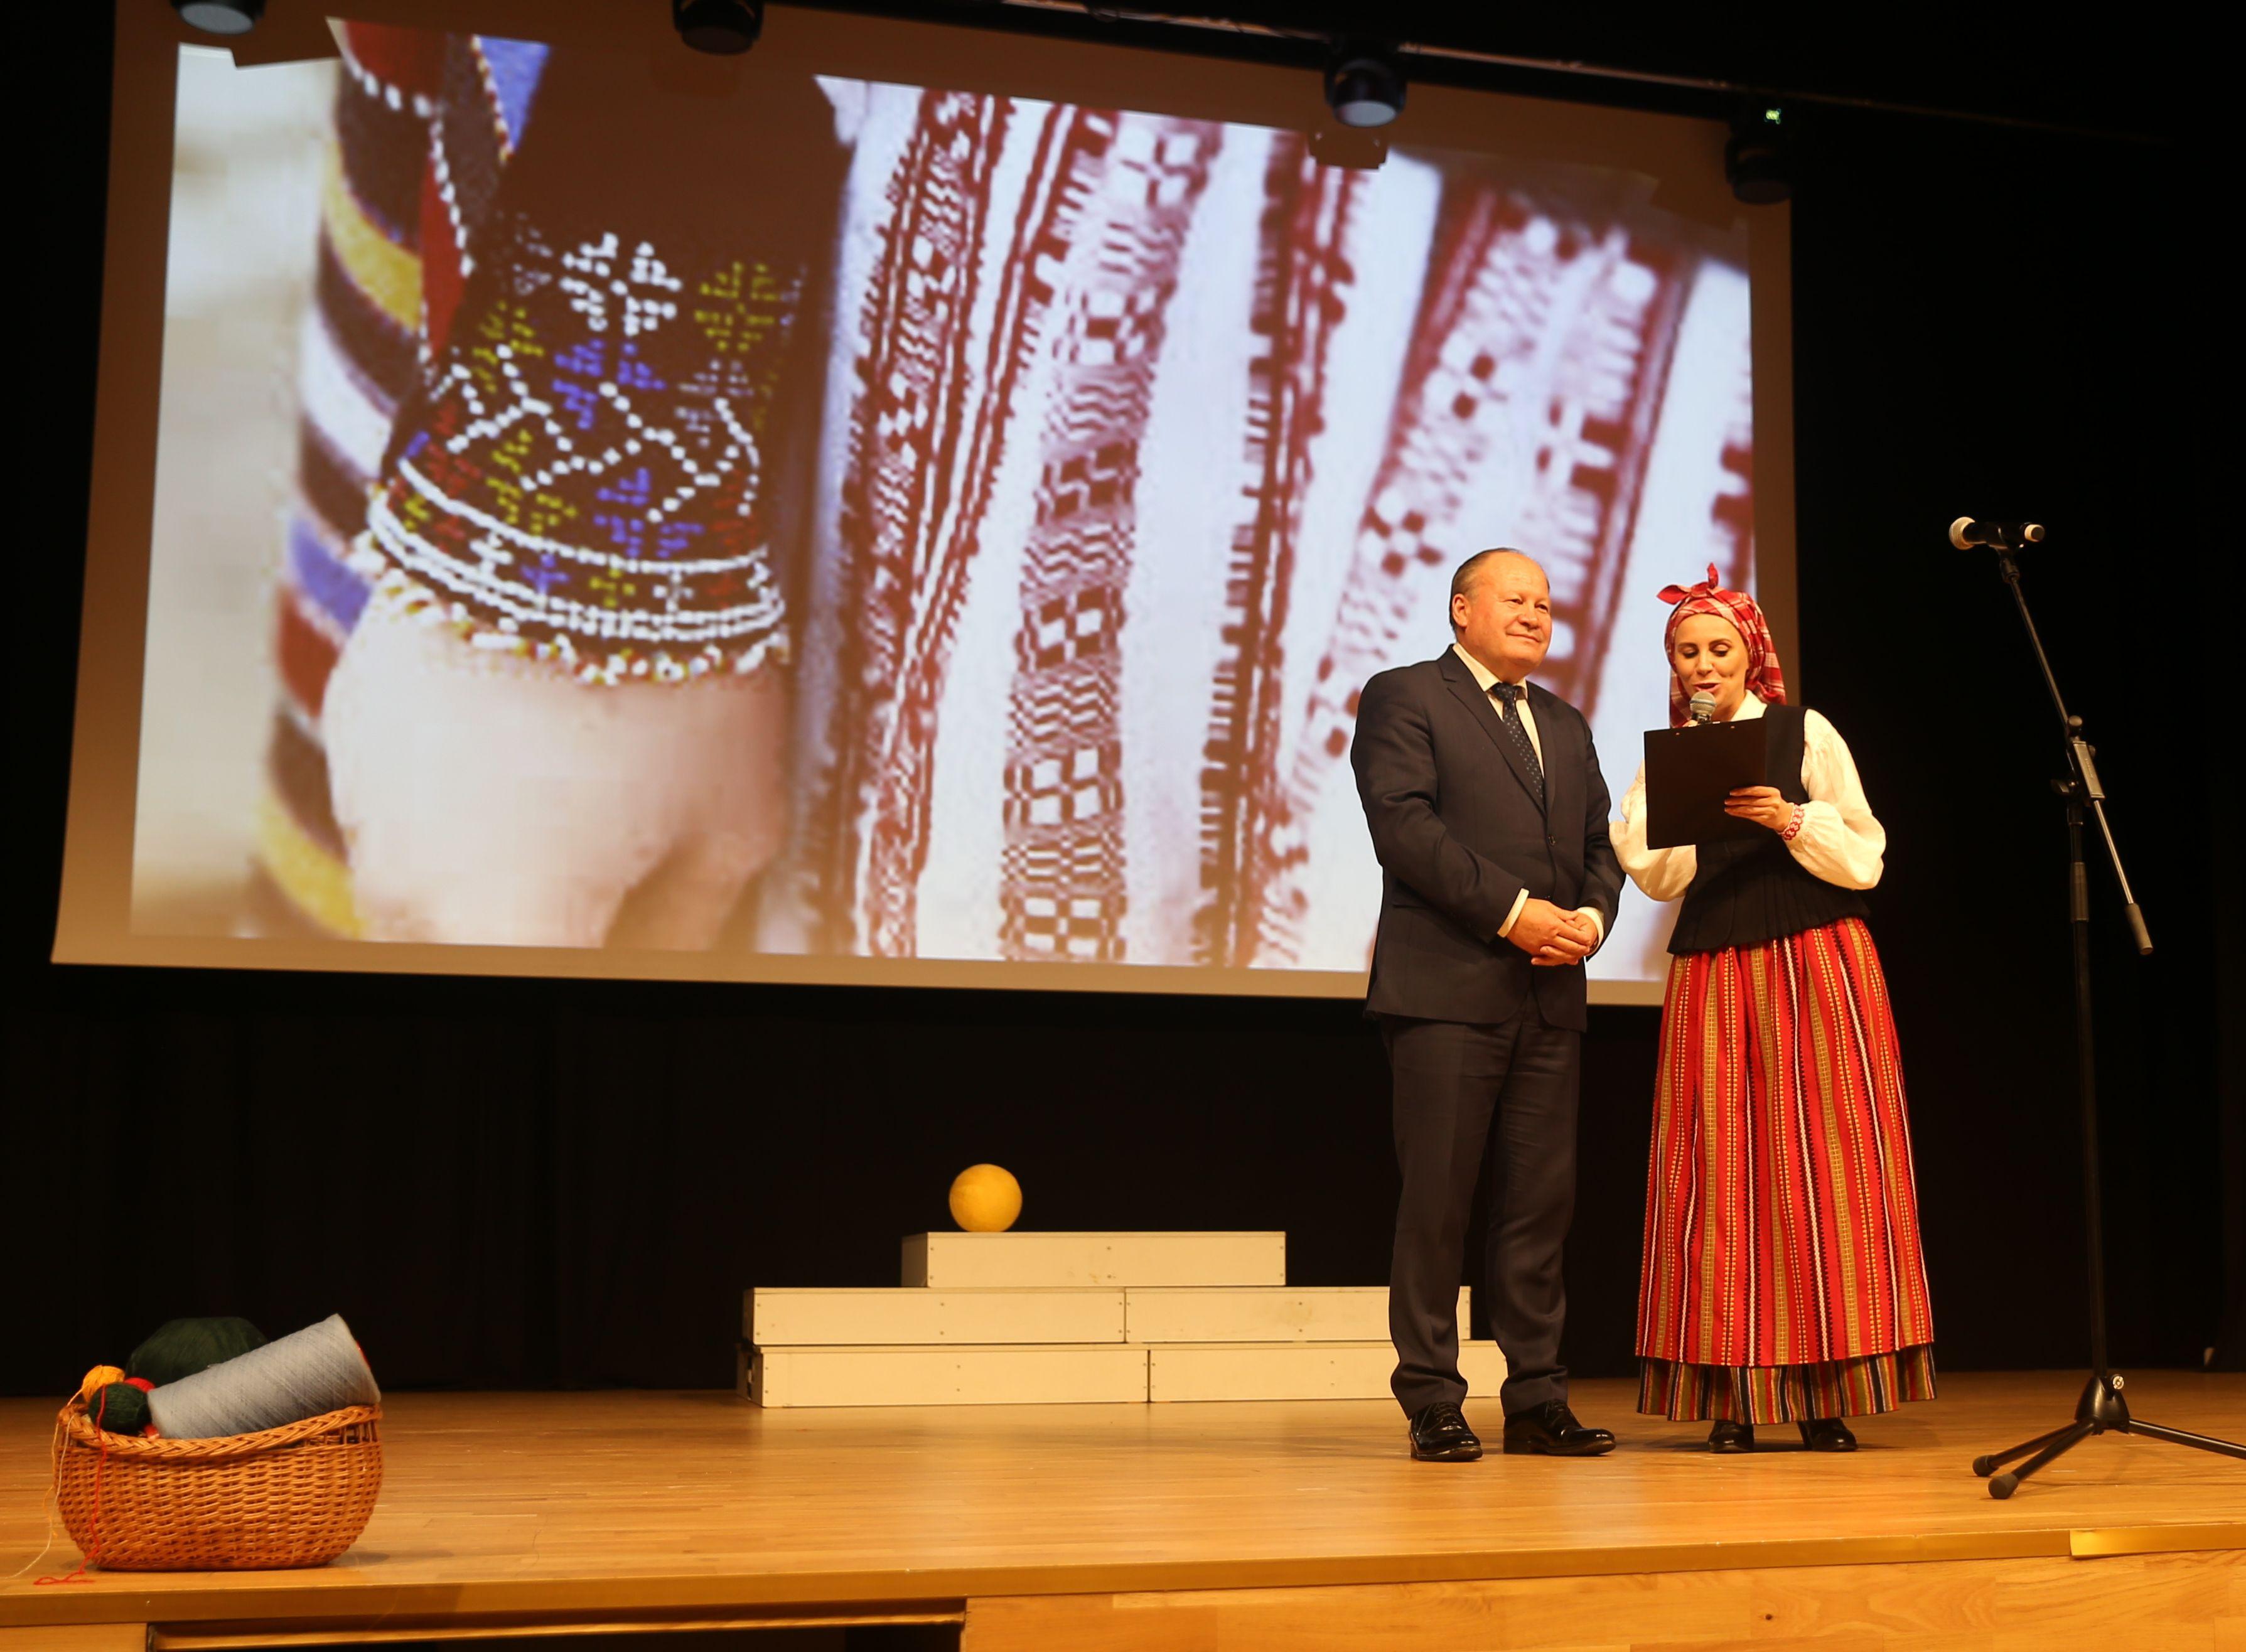 Raudondvaryje išsiskleidė visų Lietuvos regionų tautiniai kostiumai | Kauno rajono savivaldybės nuotr.